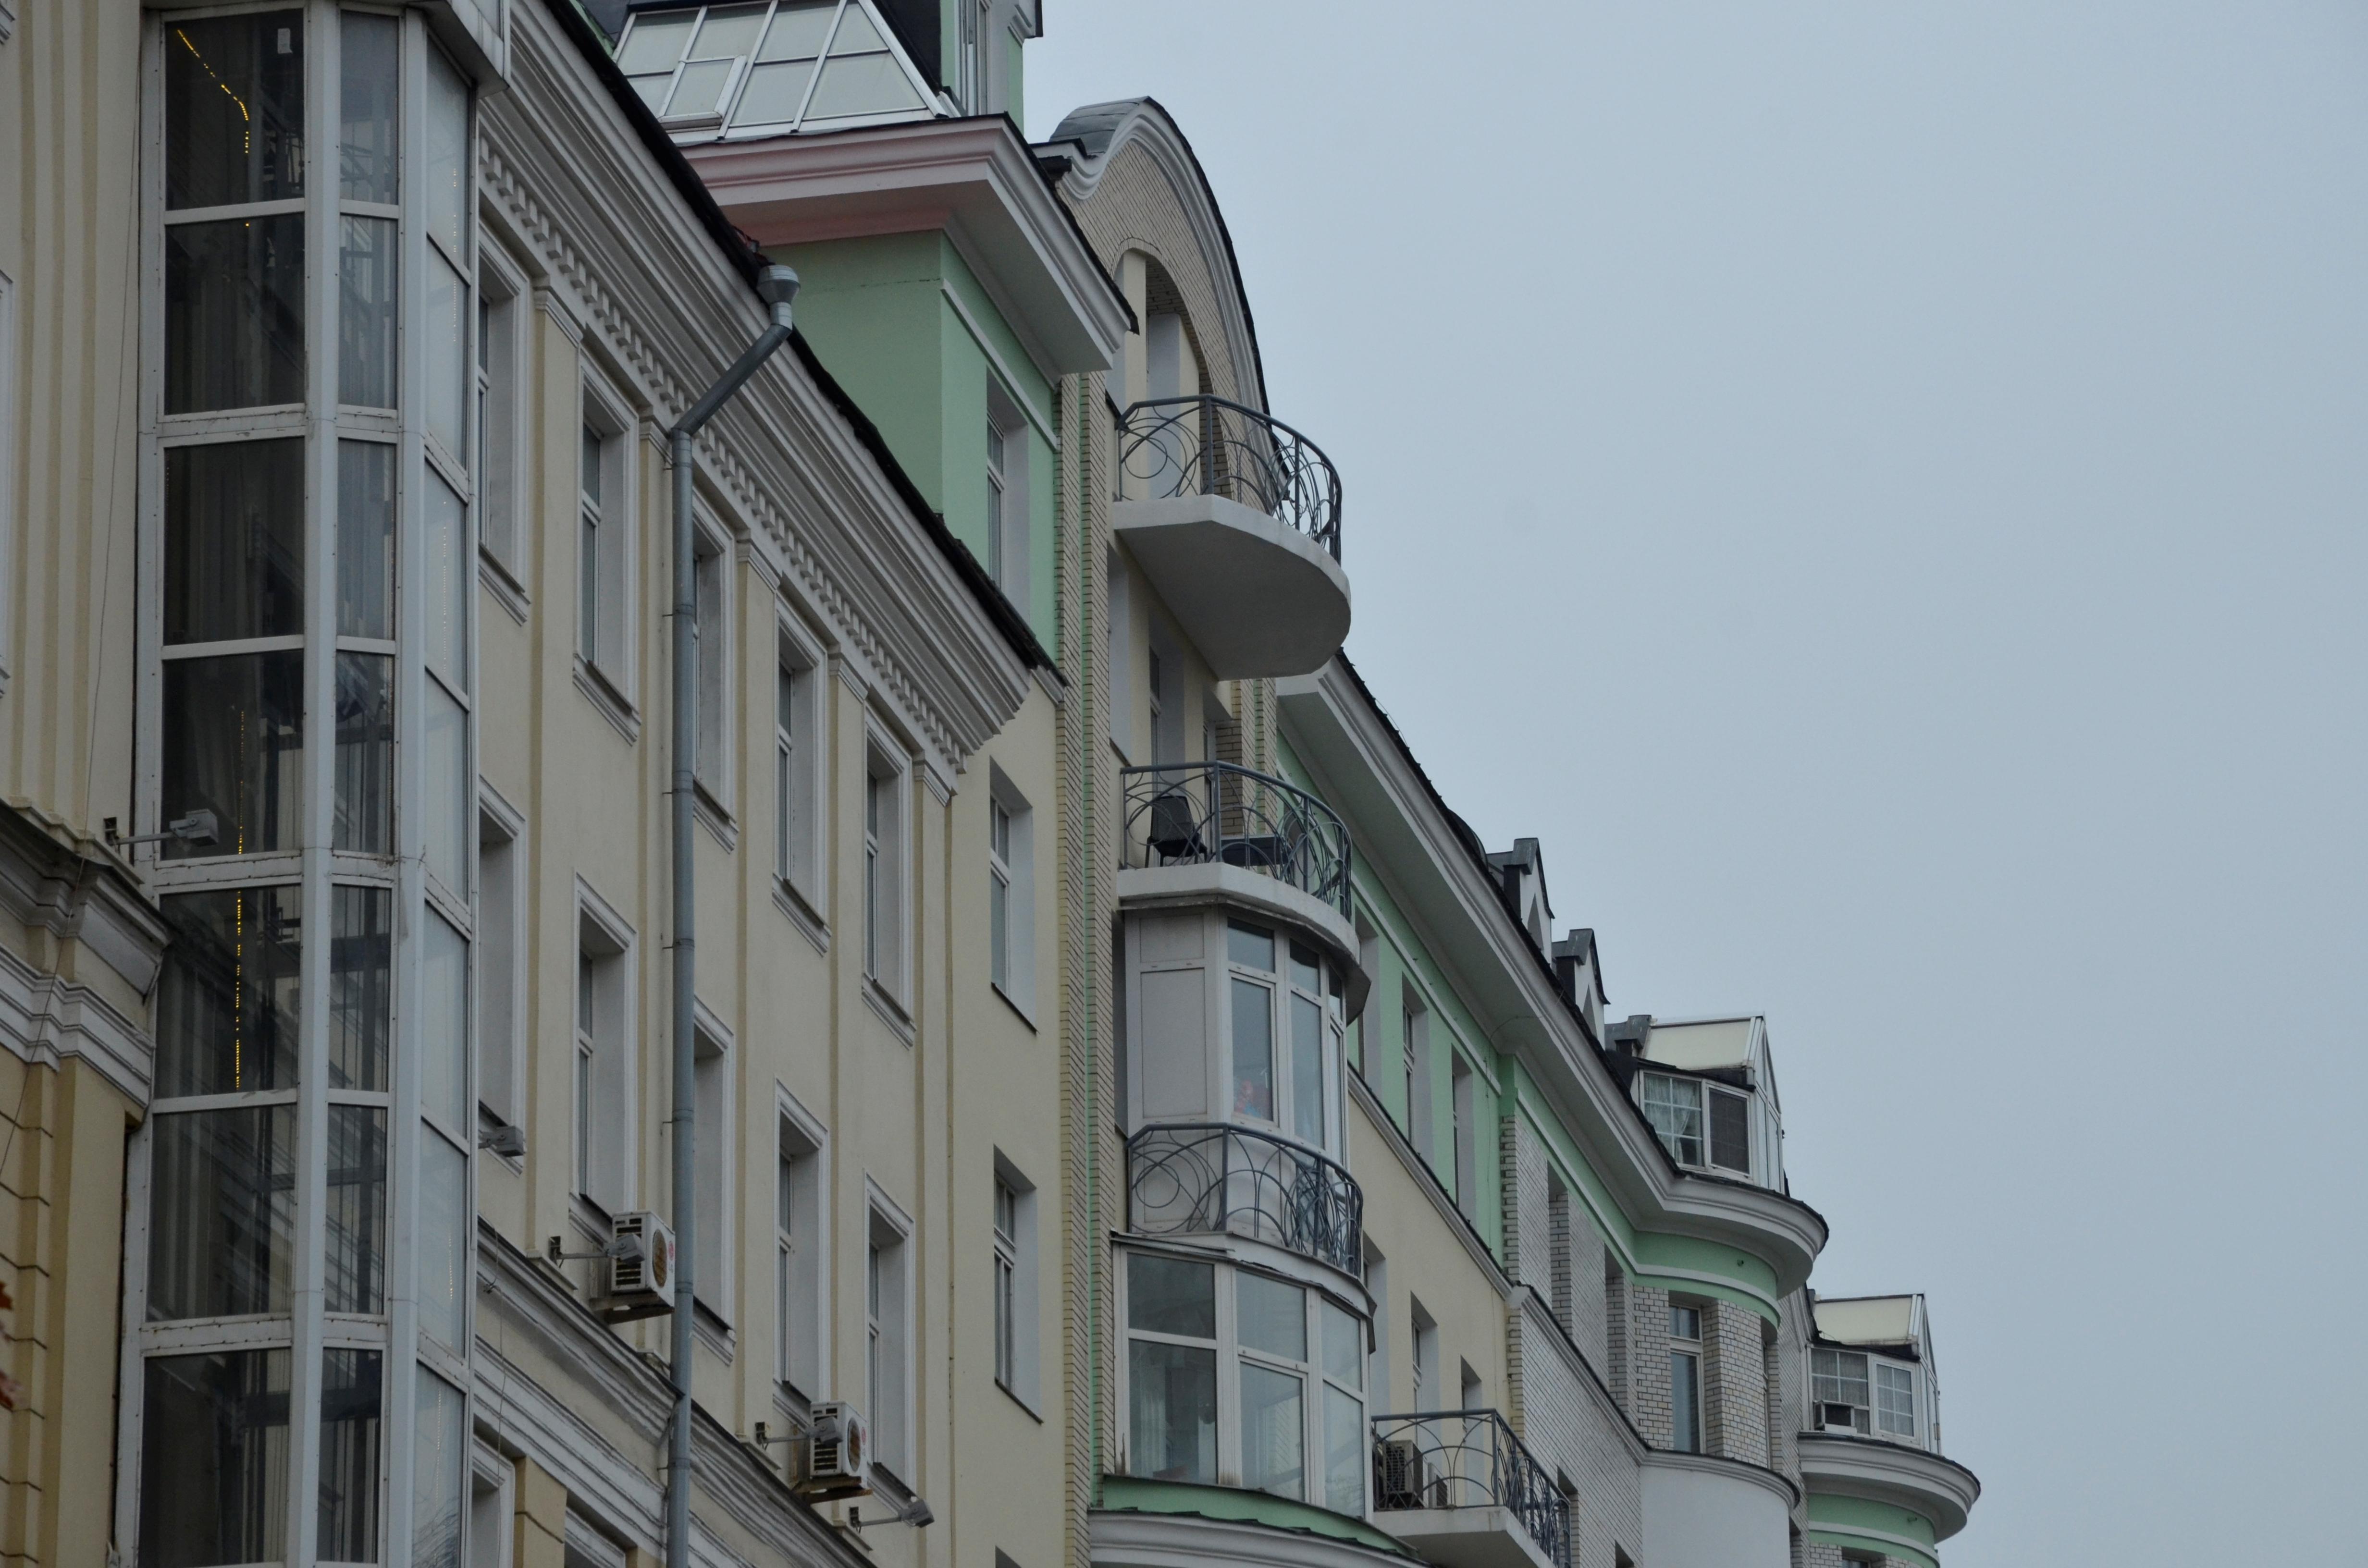 Проект «Капремонт ревизор» повысит компетентность депутатов в вопросах ЖКХ. Фото: Анна Быкова